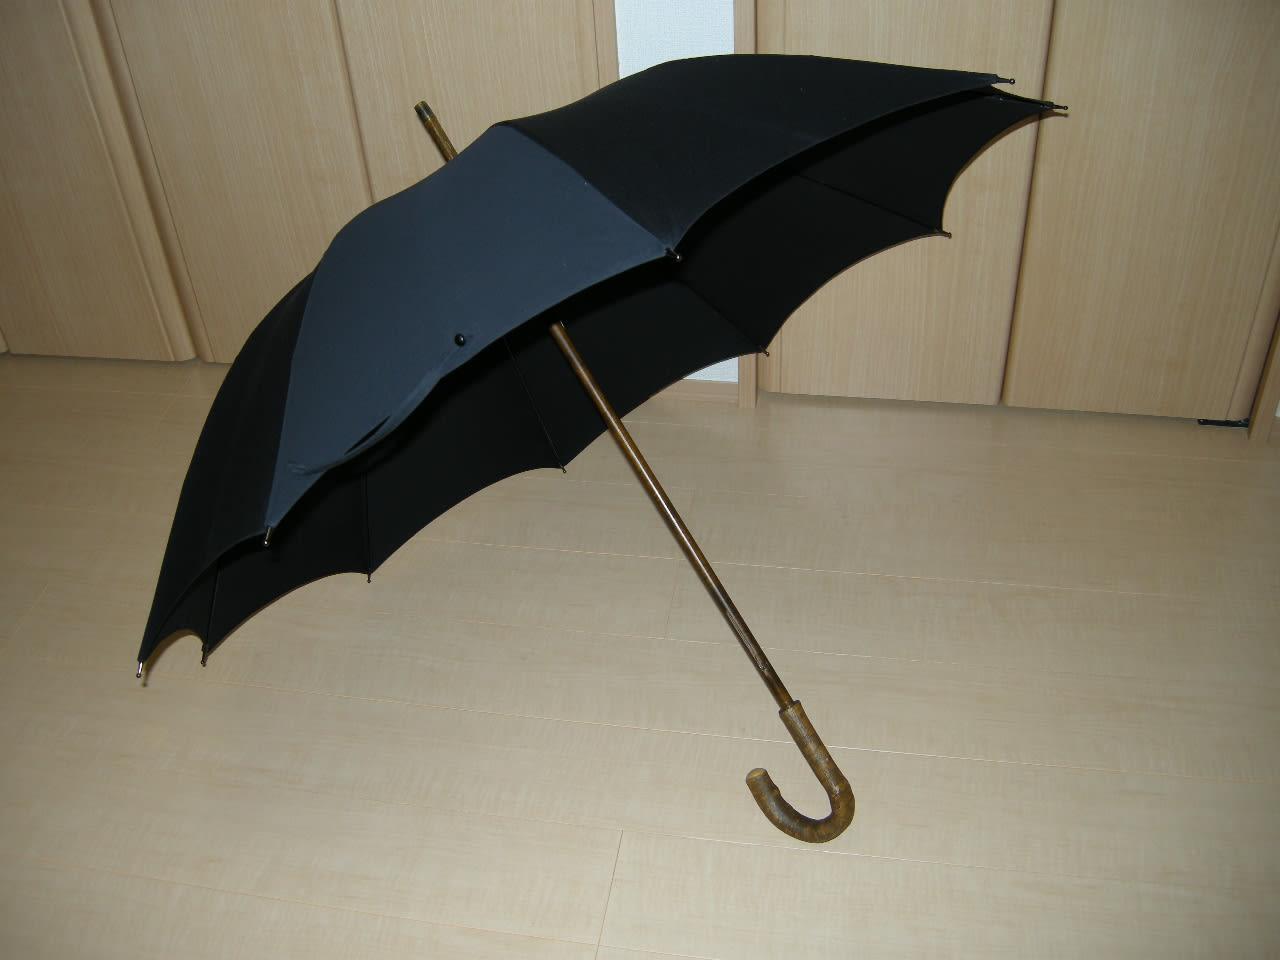 魔法の傘 その2 - いつか英国 ...